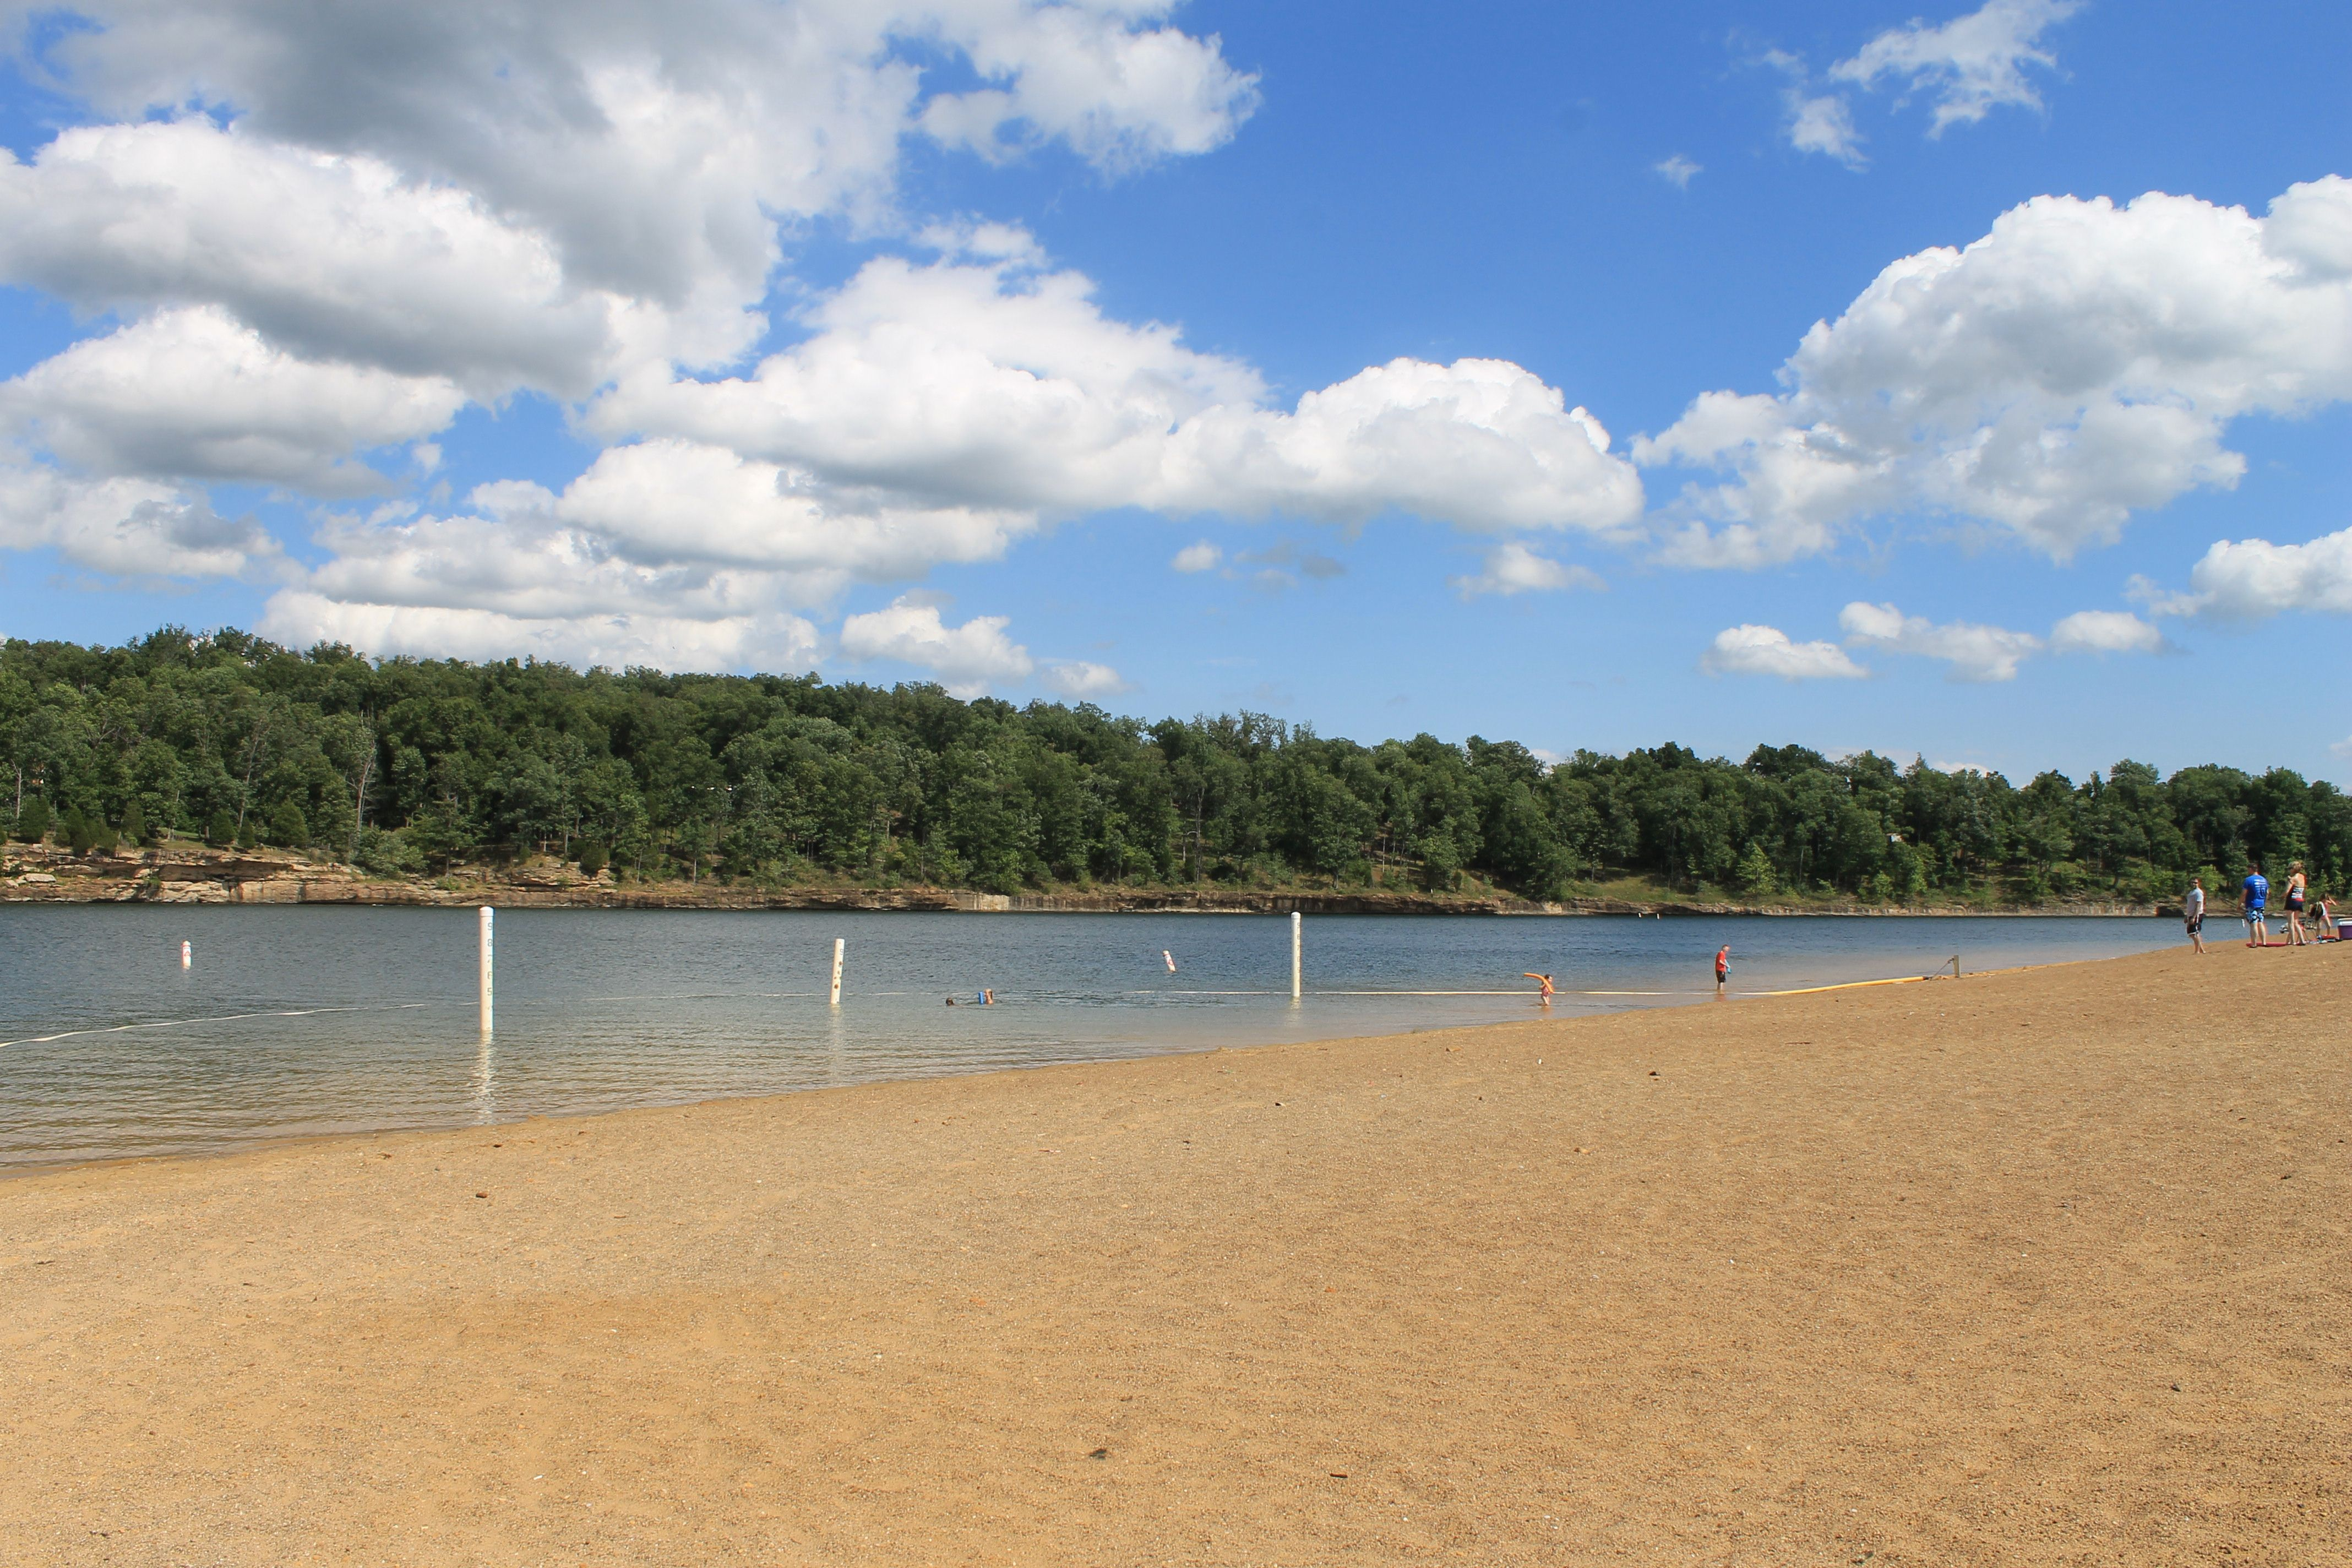 Public Beach at Rough River Dam State